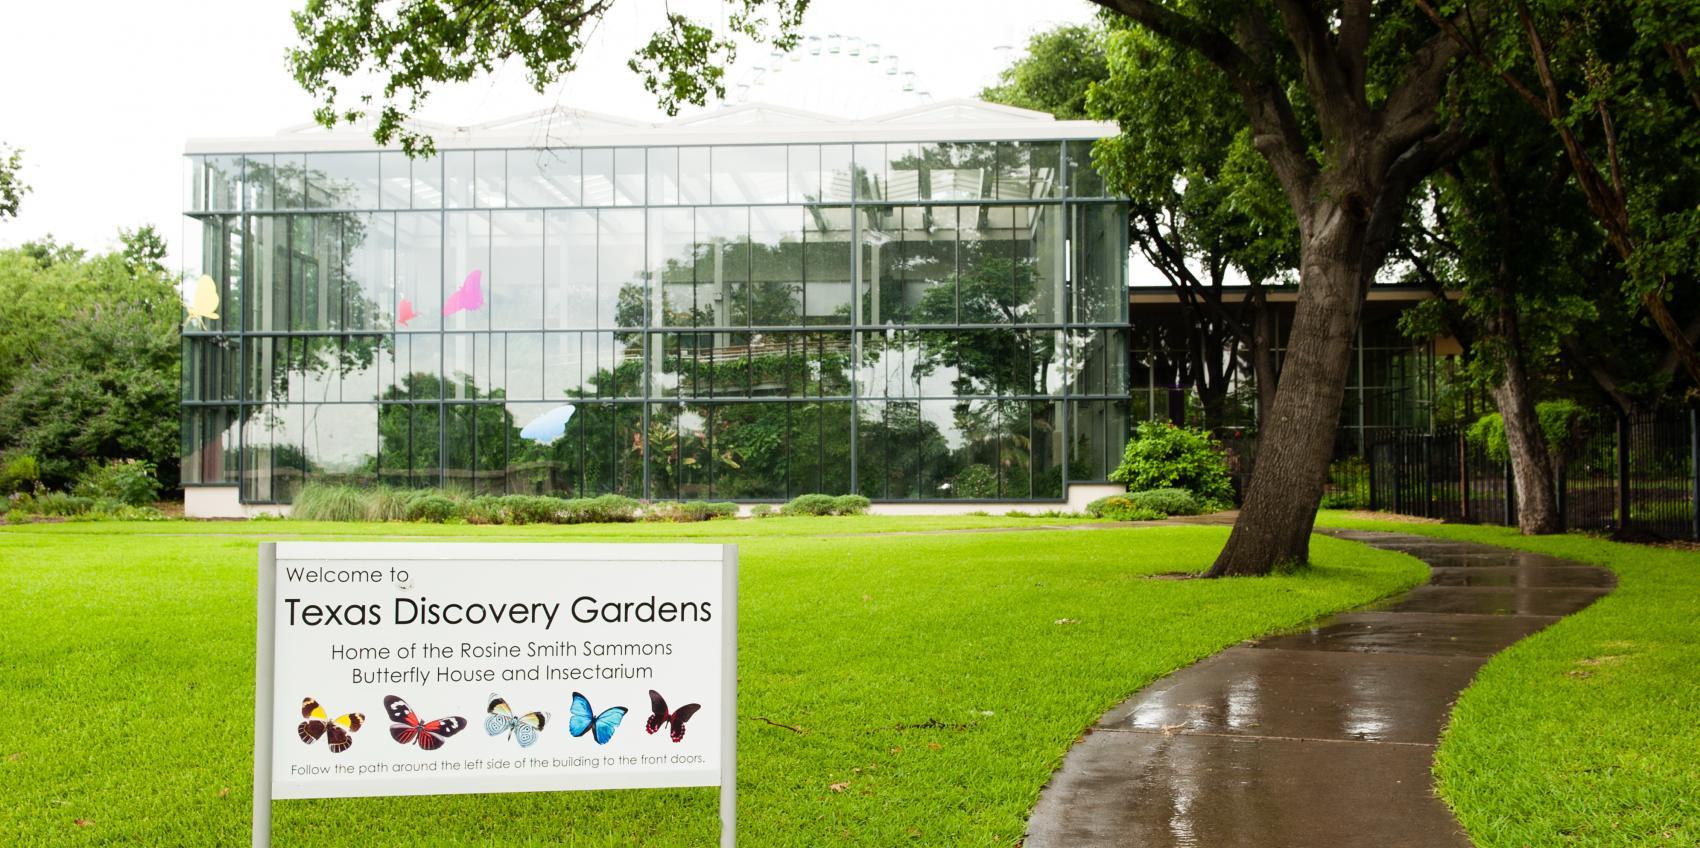 Texas Discovery Gardens American Public Gardens Association